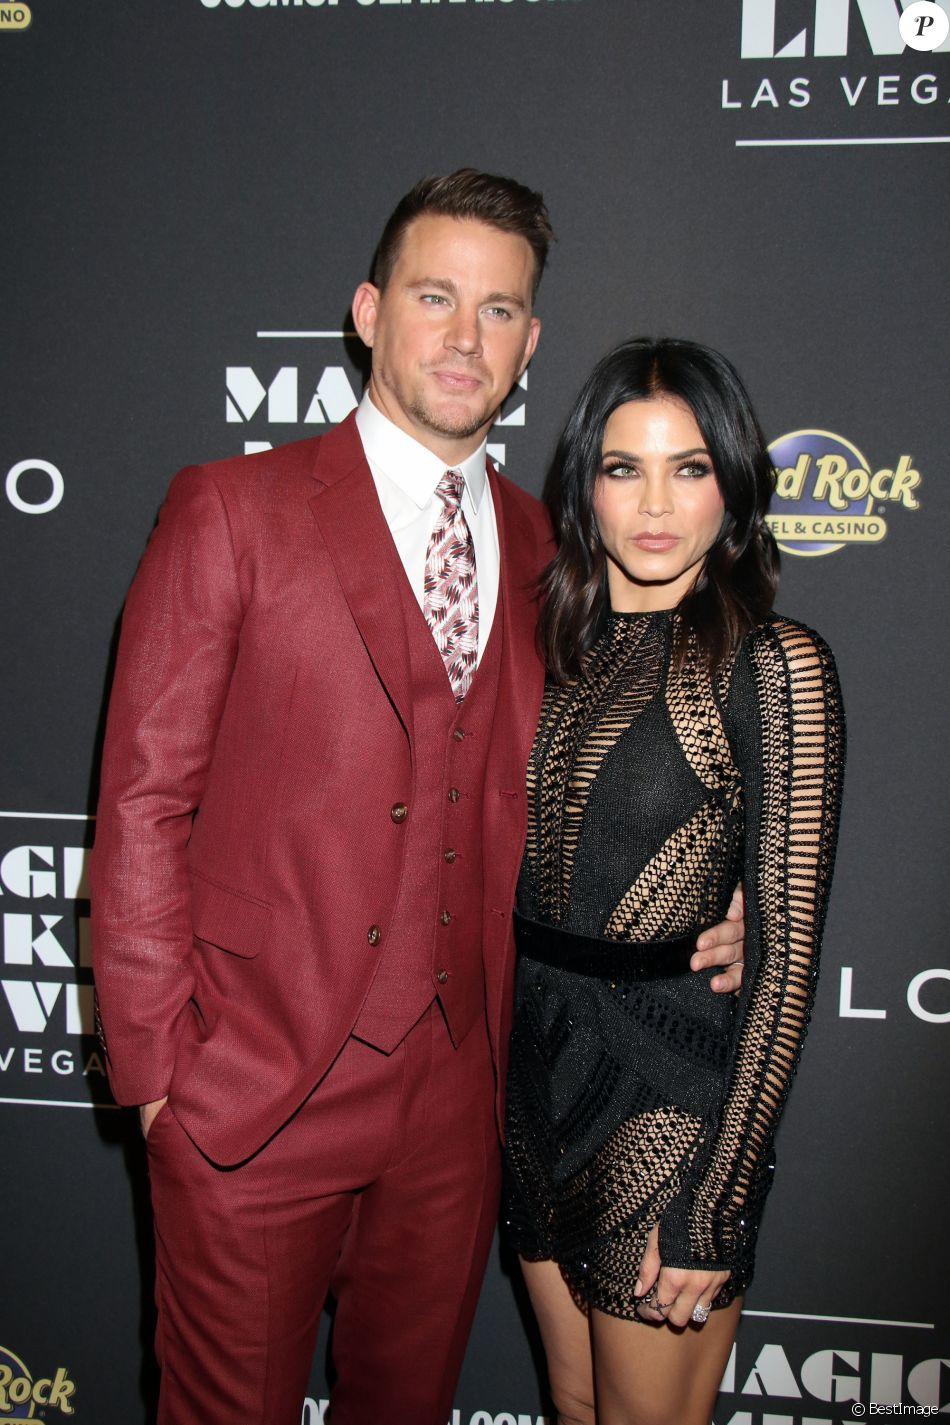 Connu Channning Tatum et sa femme Jenna Dewan-Tatum à la soirée d  YQ67